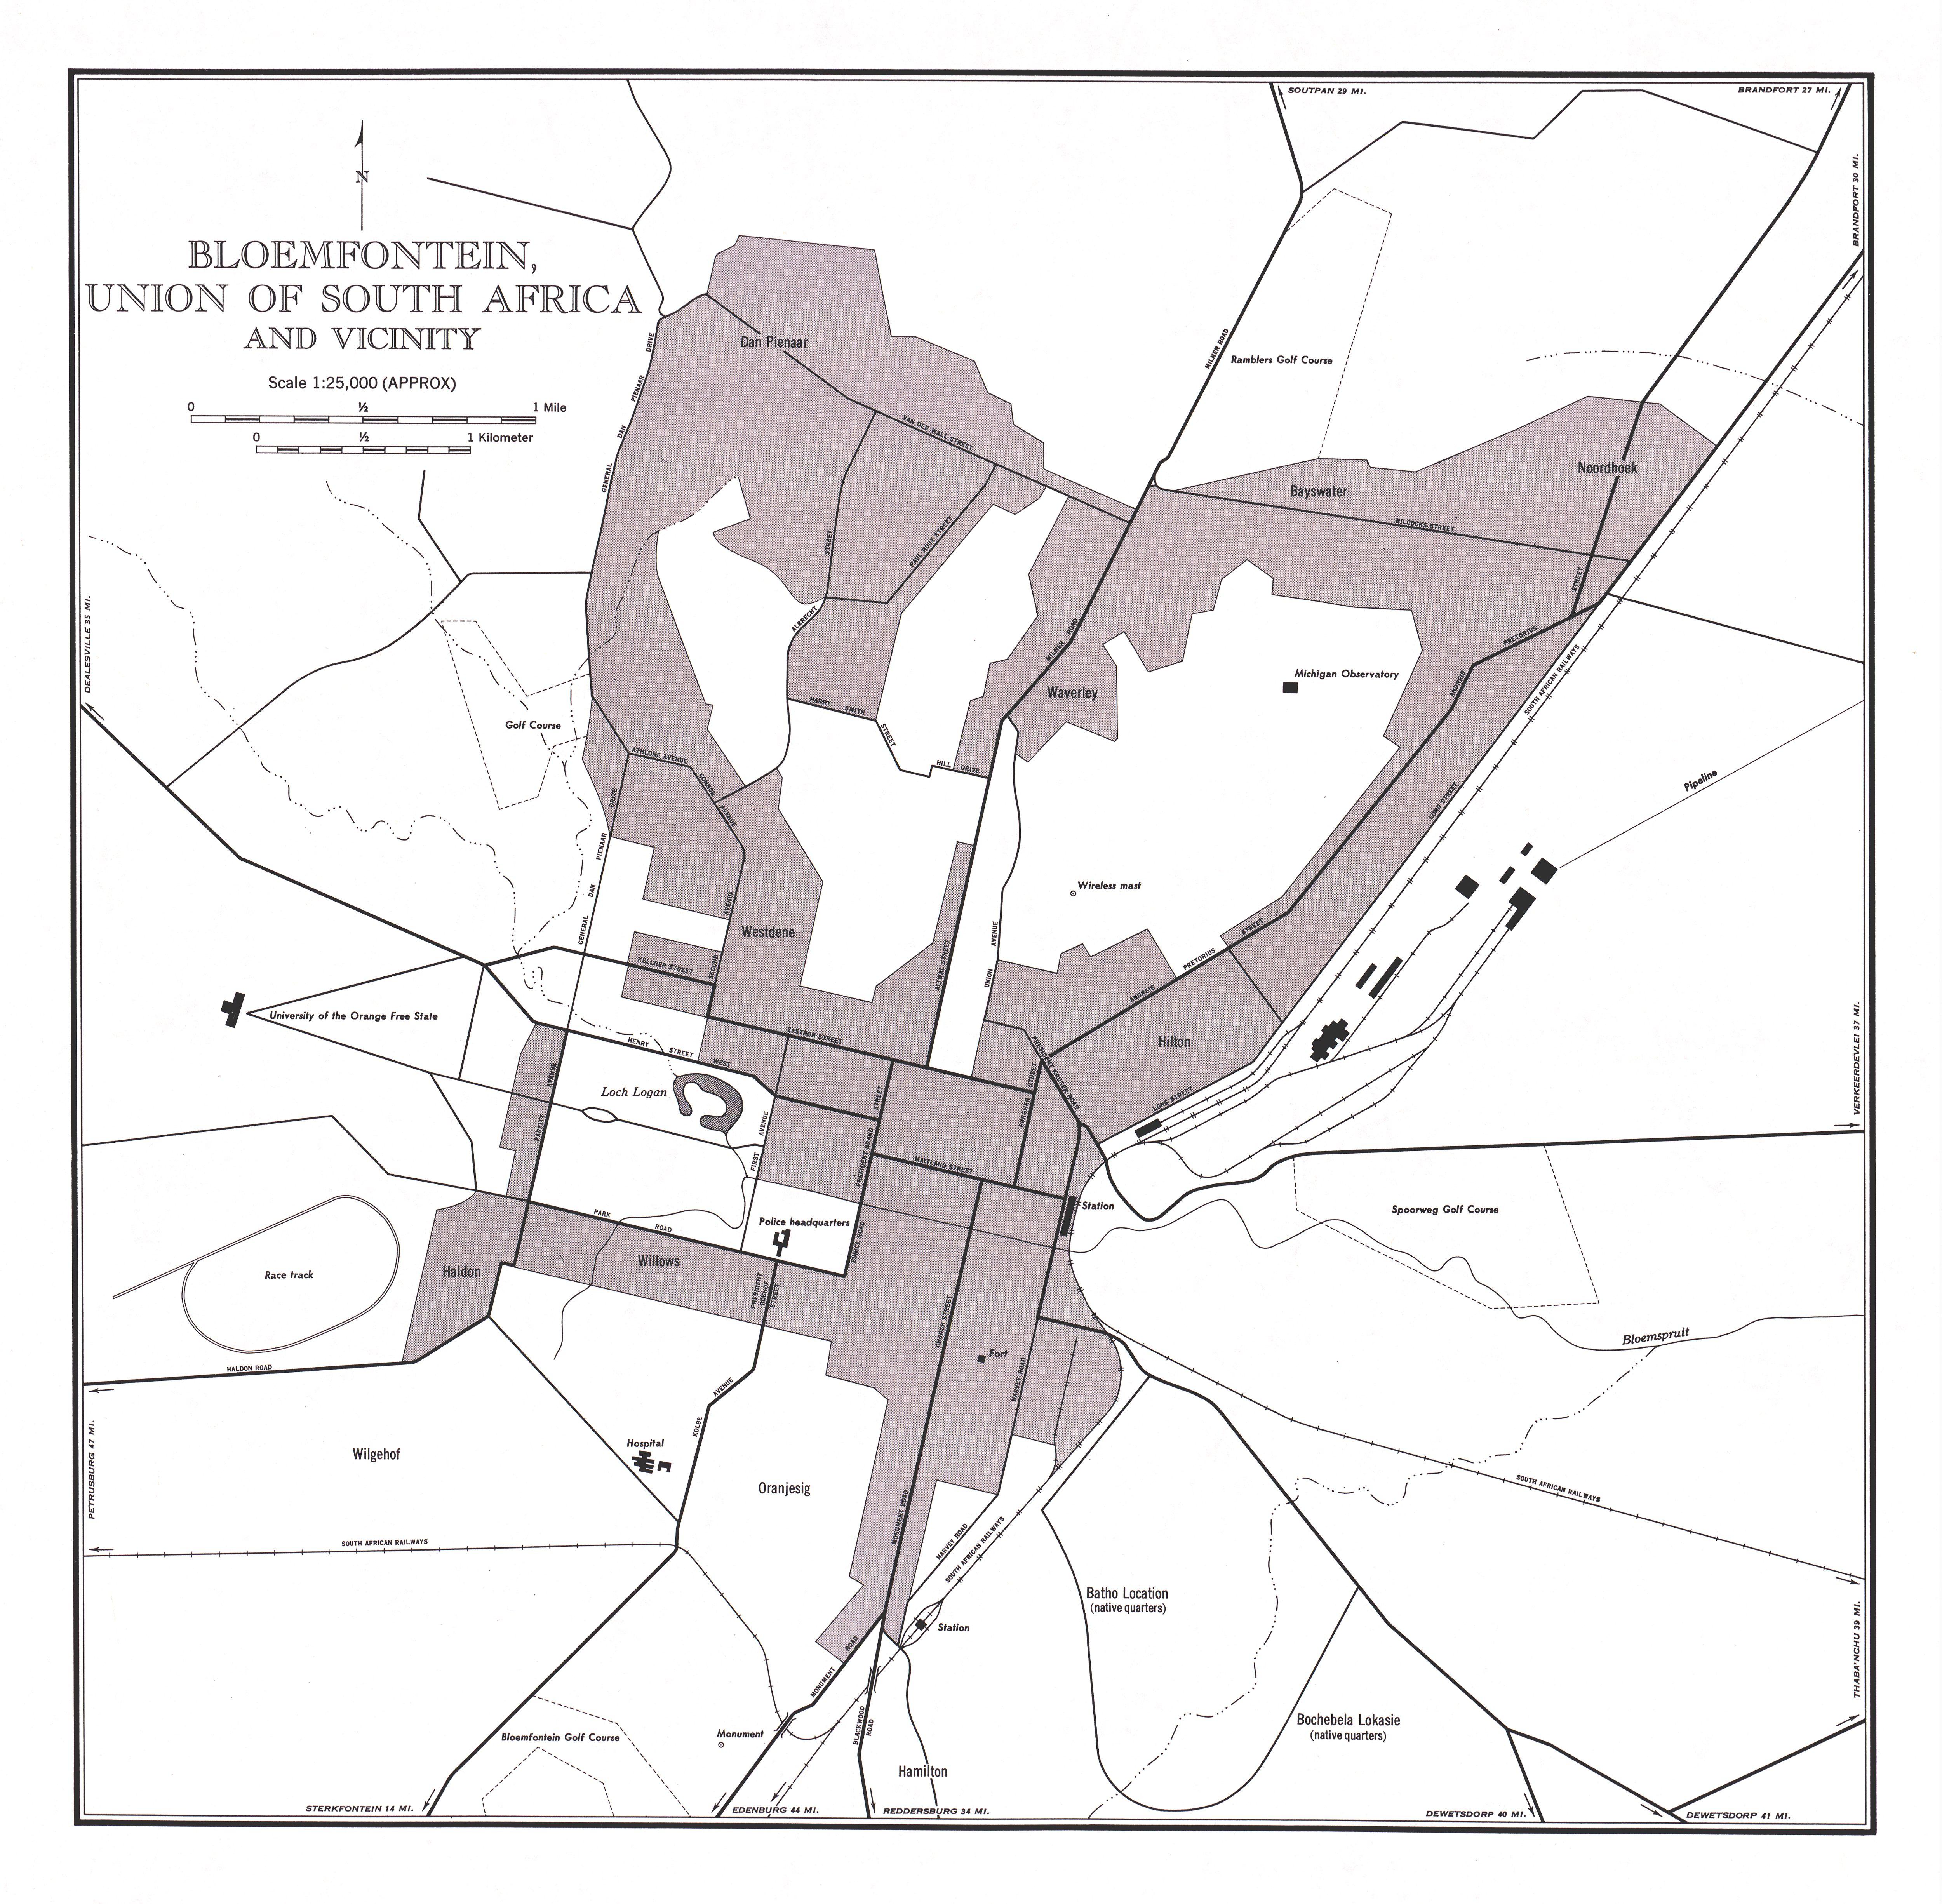 Mapa de Bloemfontein y Cercanías, Sudáfrica 1954